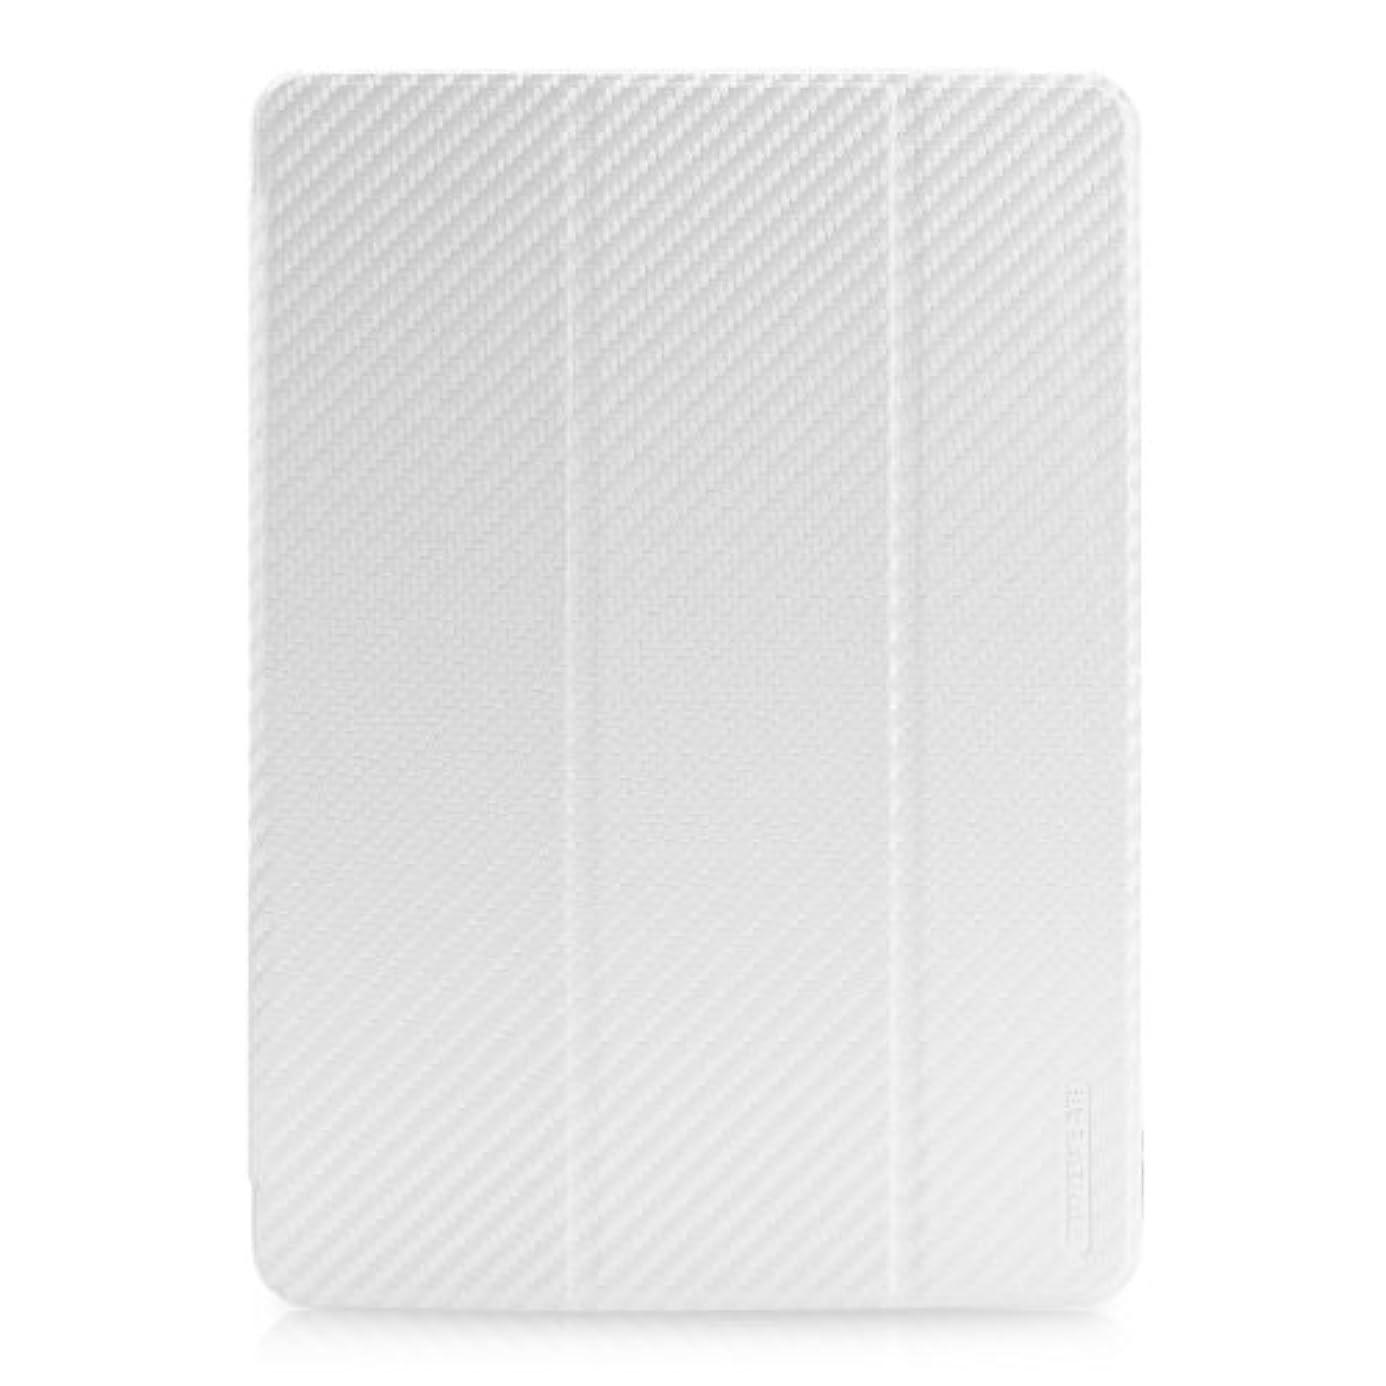 味付けなめらか冒険【日本正規代理店品】TUNEWEAR CarbonLook SHELL with Front cover for iPad Air カーボンホワイト TUN-PD-000122